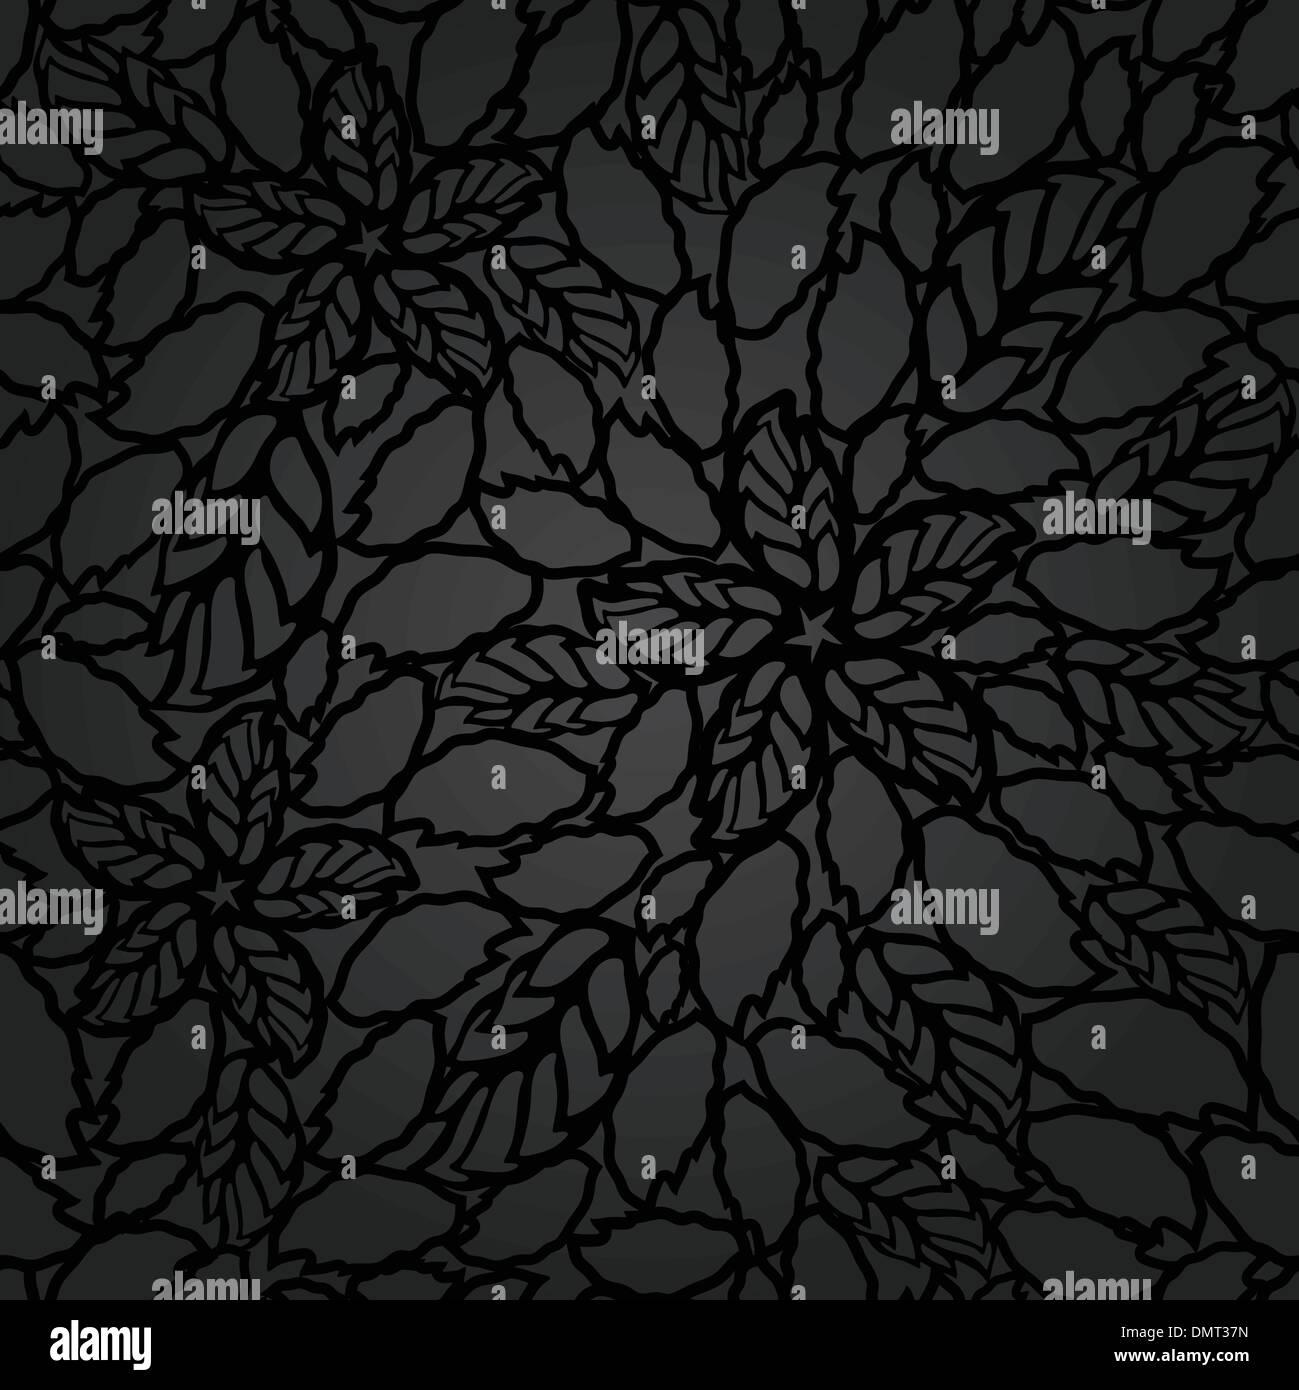 Feuilles Et Fleurs Noir Transparente Dentelle Motif Papier Peint